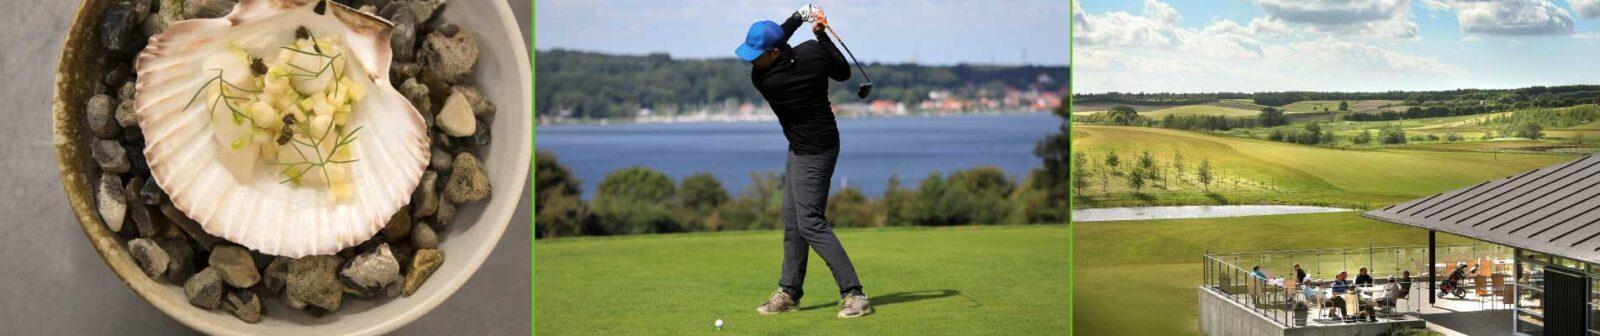 naar_livet_er_golf